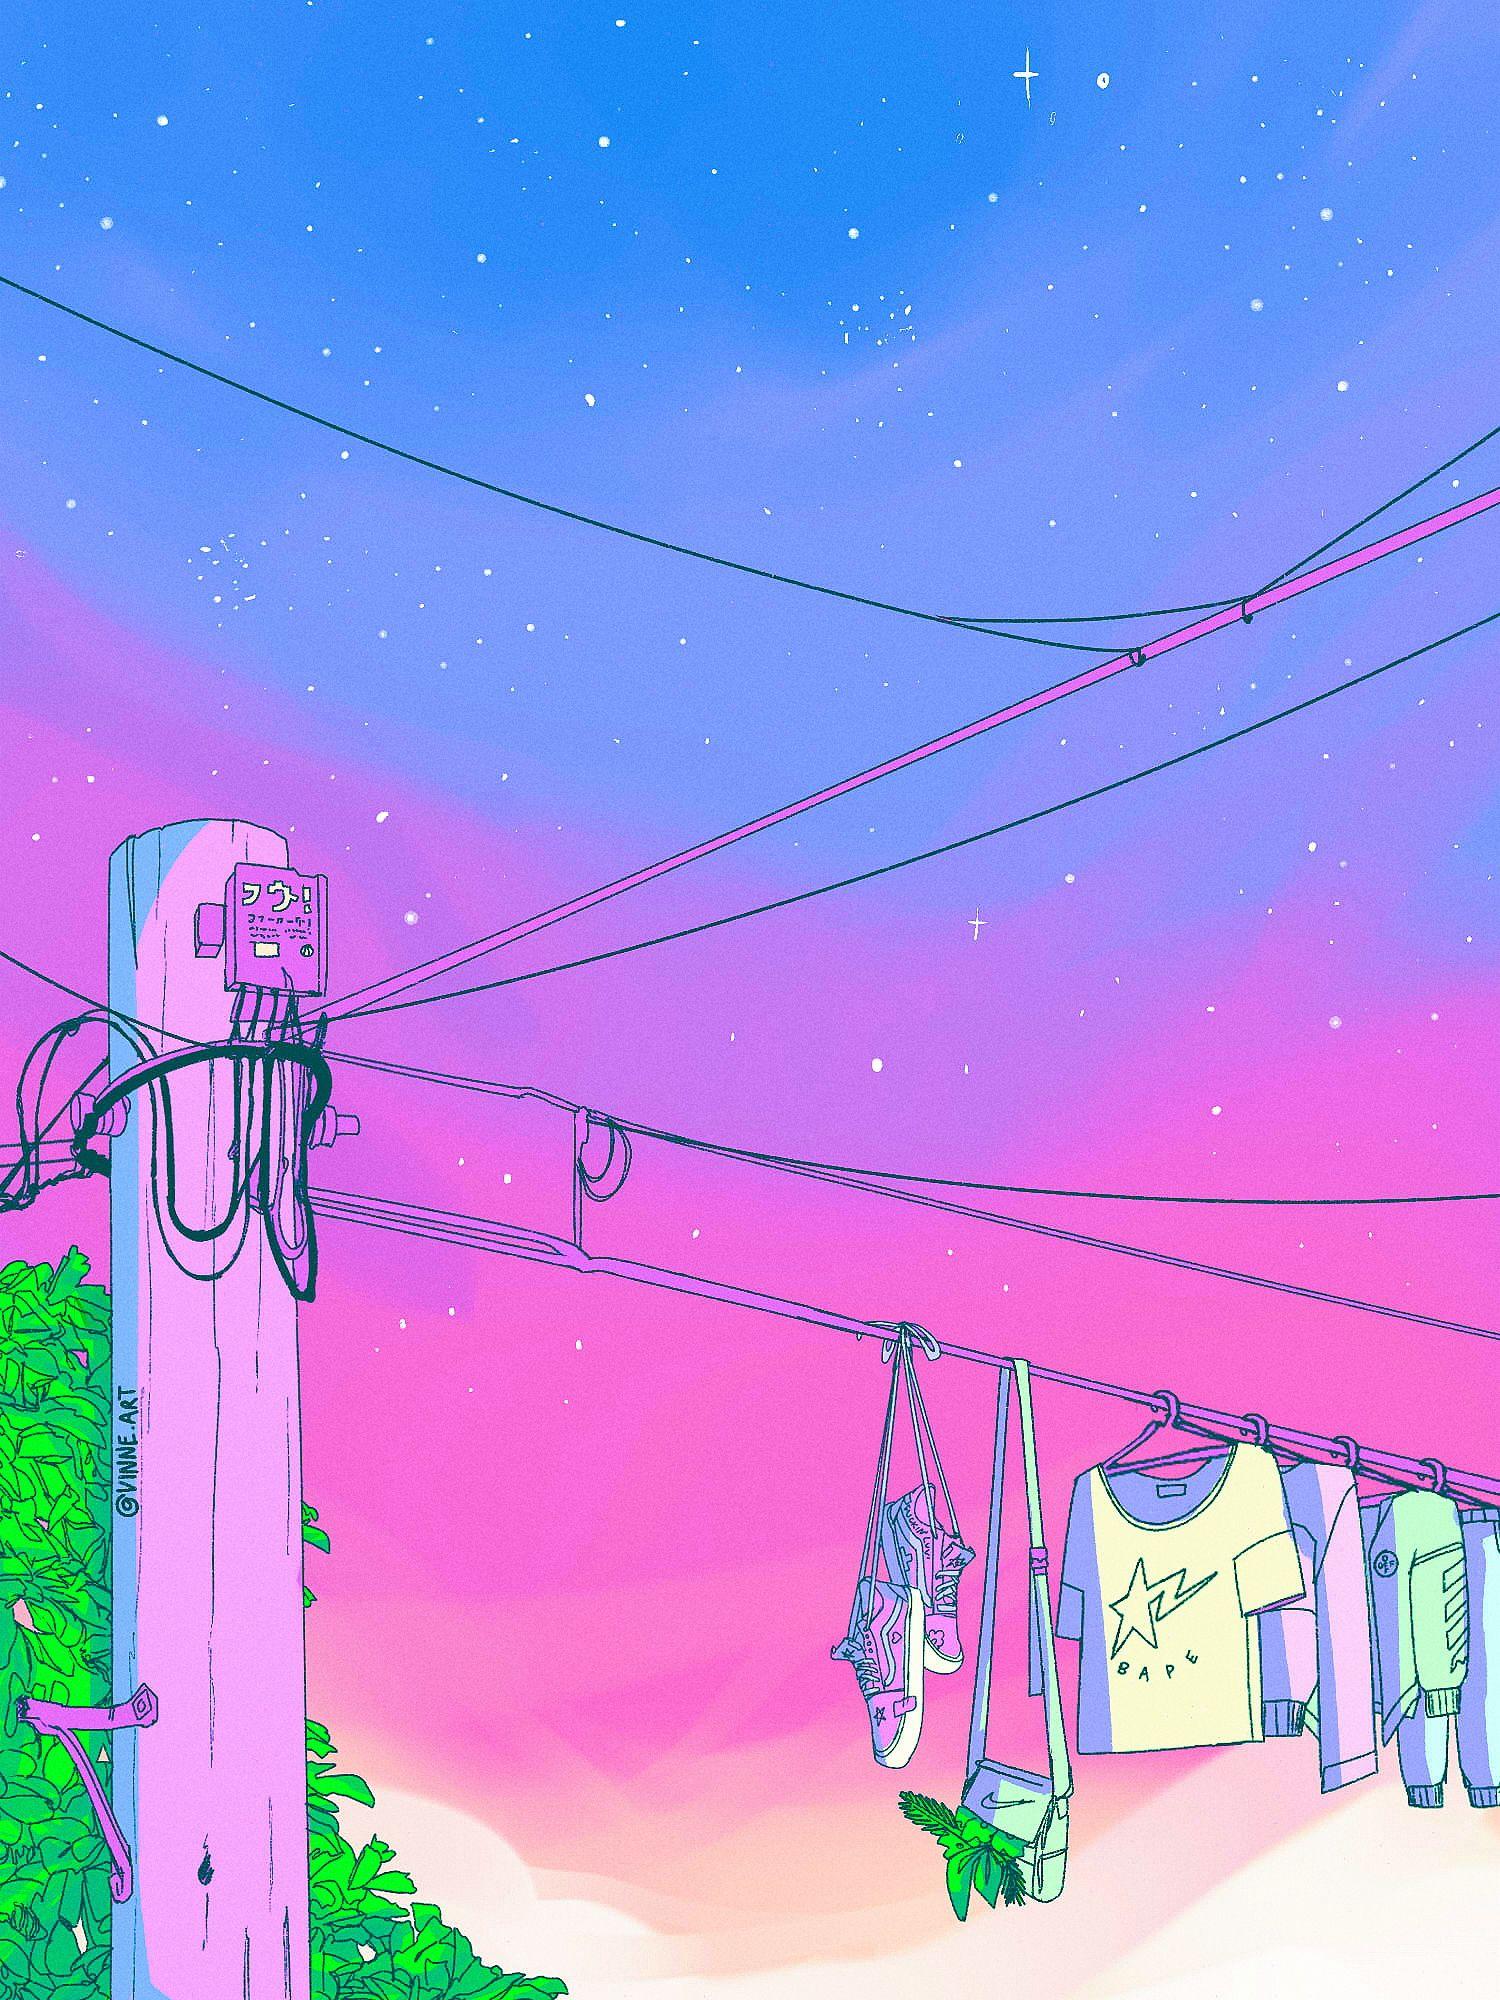 Vinne Art Pastel Aesthetic Aesthetic Anime Aesthetic Wallpapers